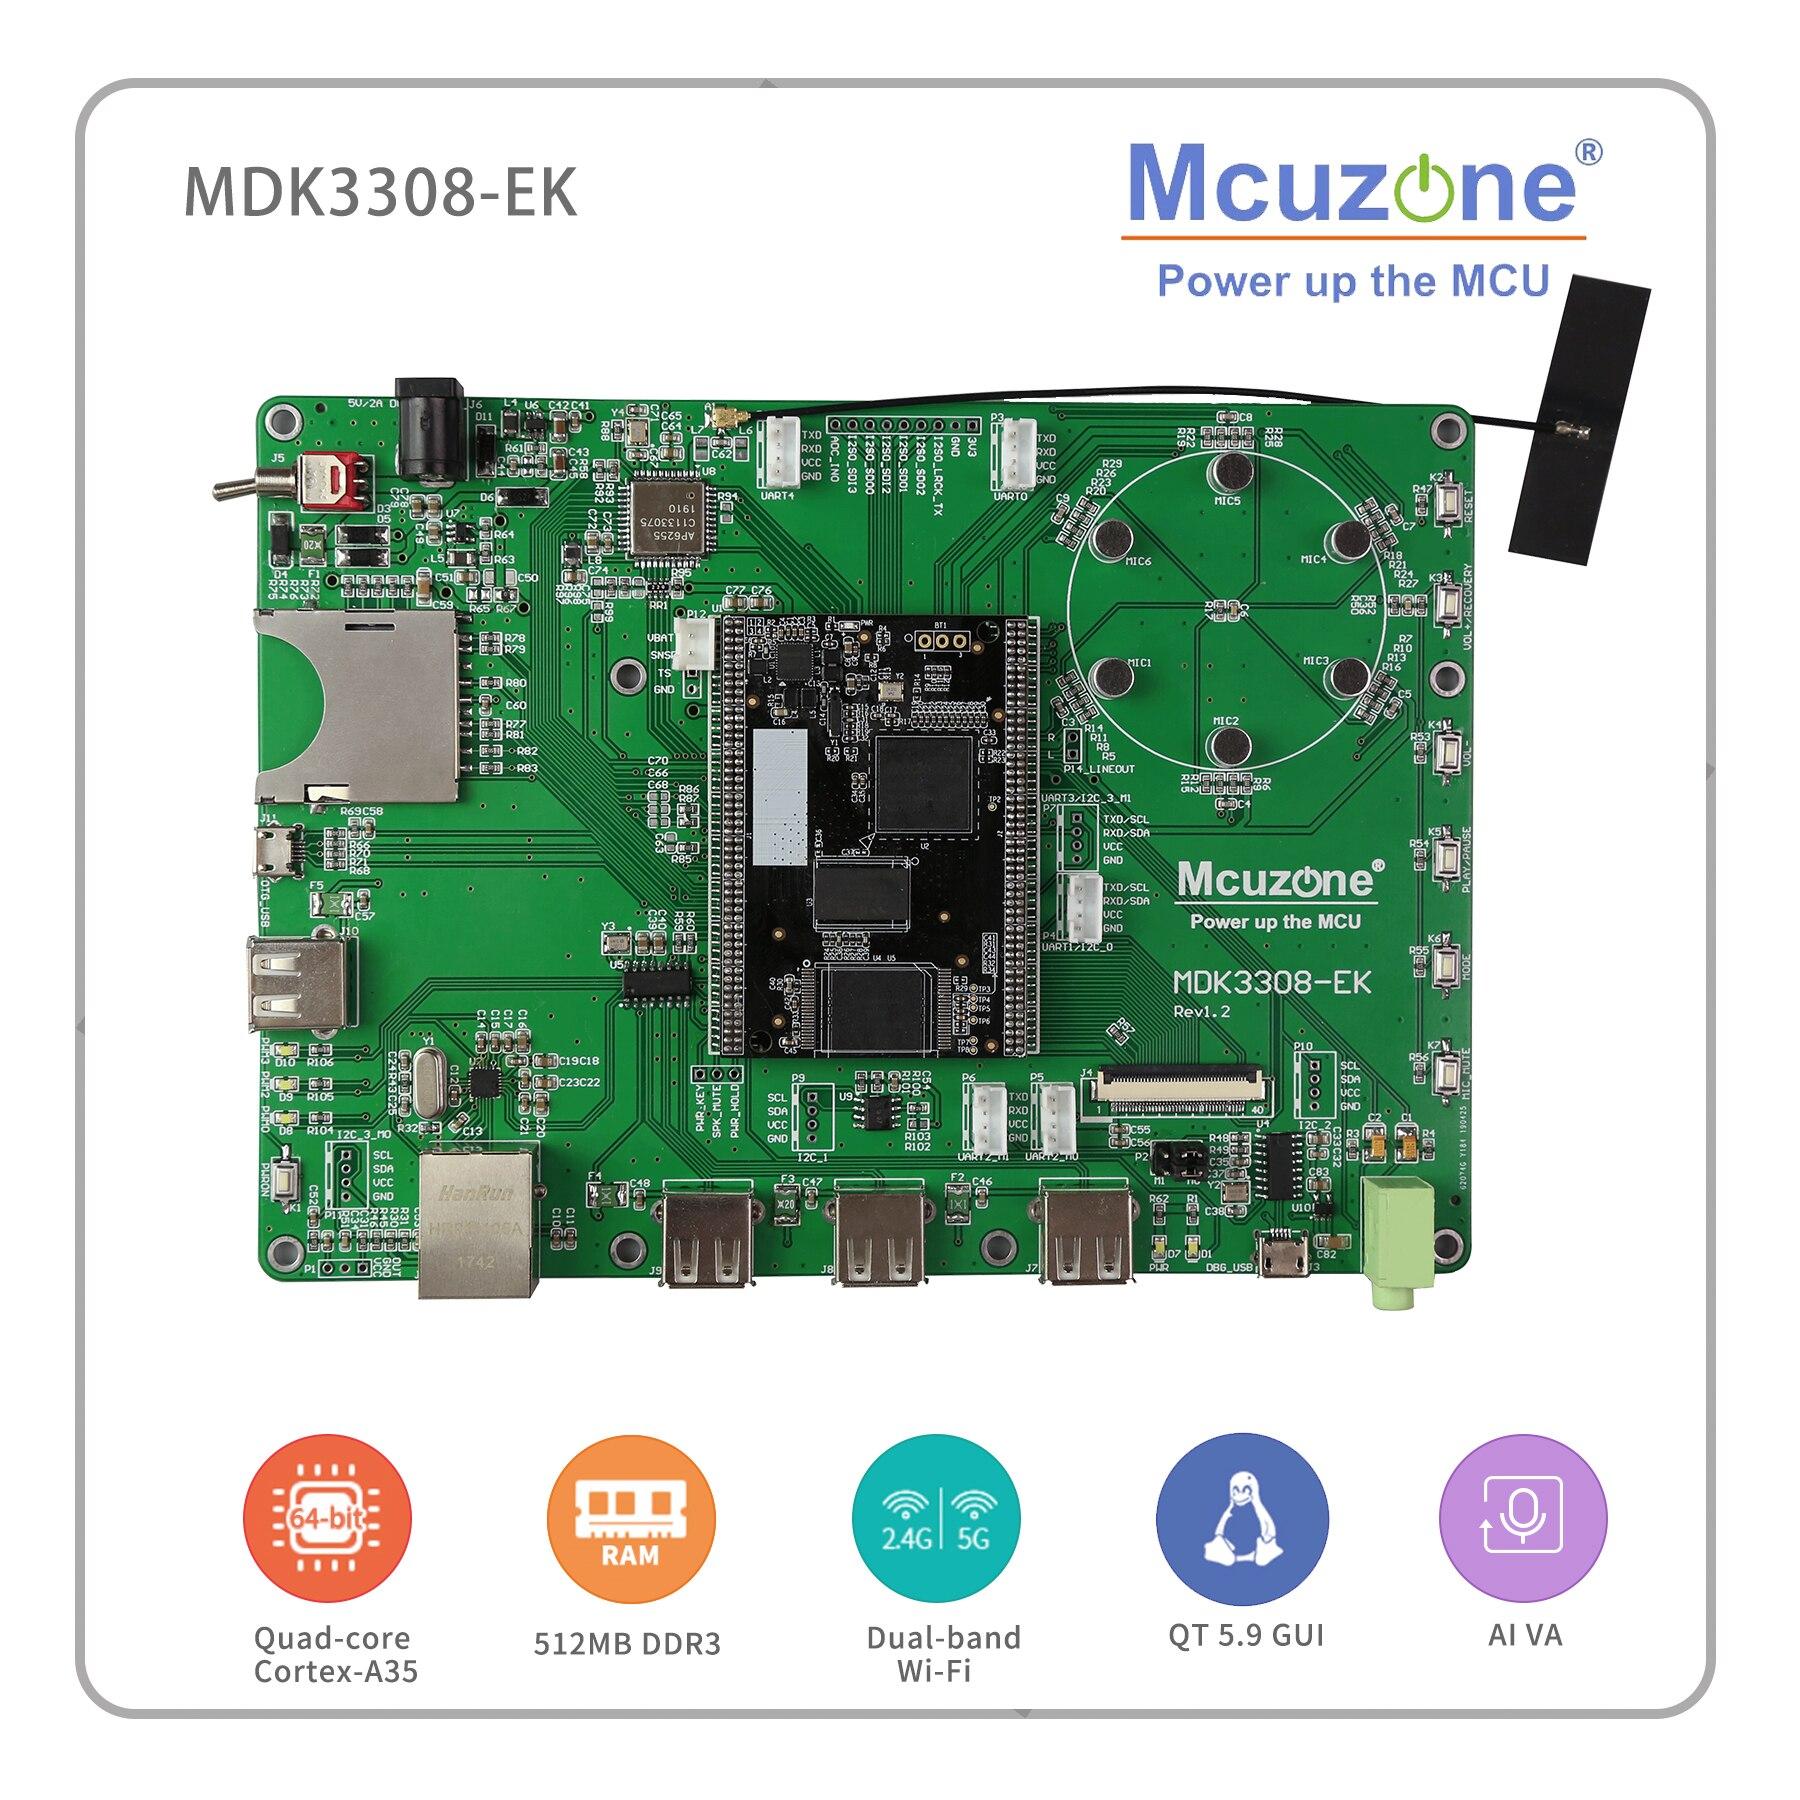 Rockchip RK3308 MDK3308 EK Quad core Cortex A35 up to 1 3GHz 512MB DDR3 3L 8GB